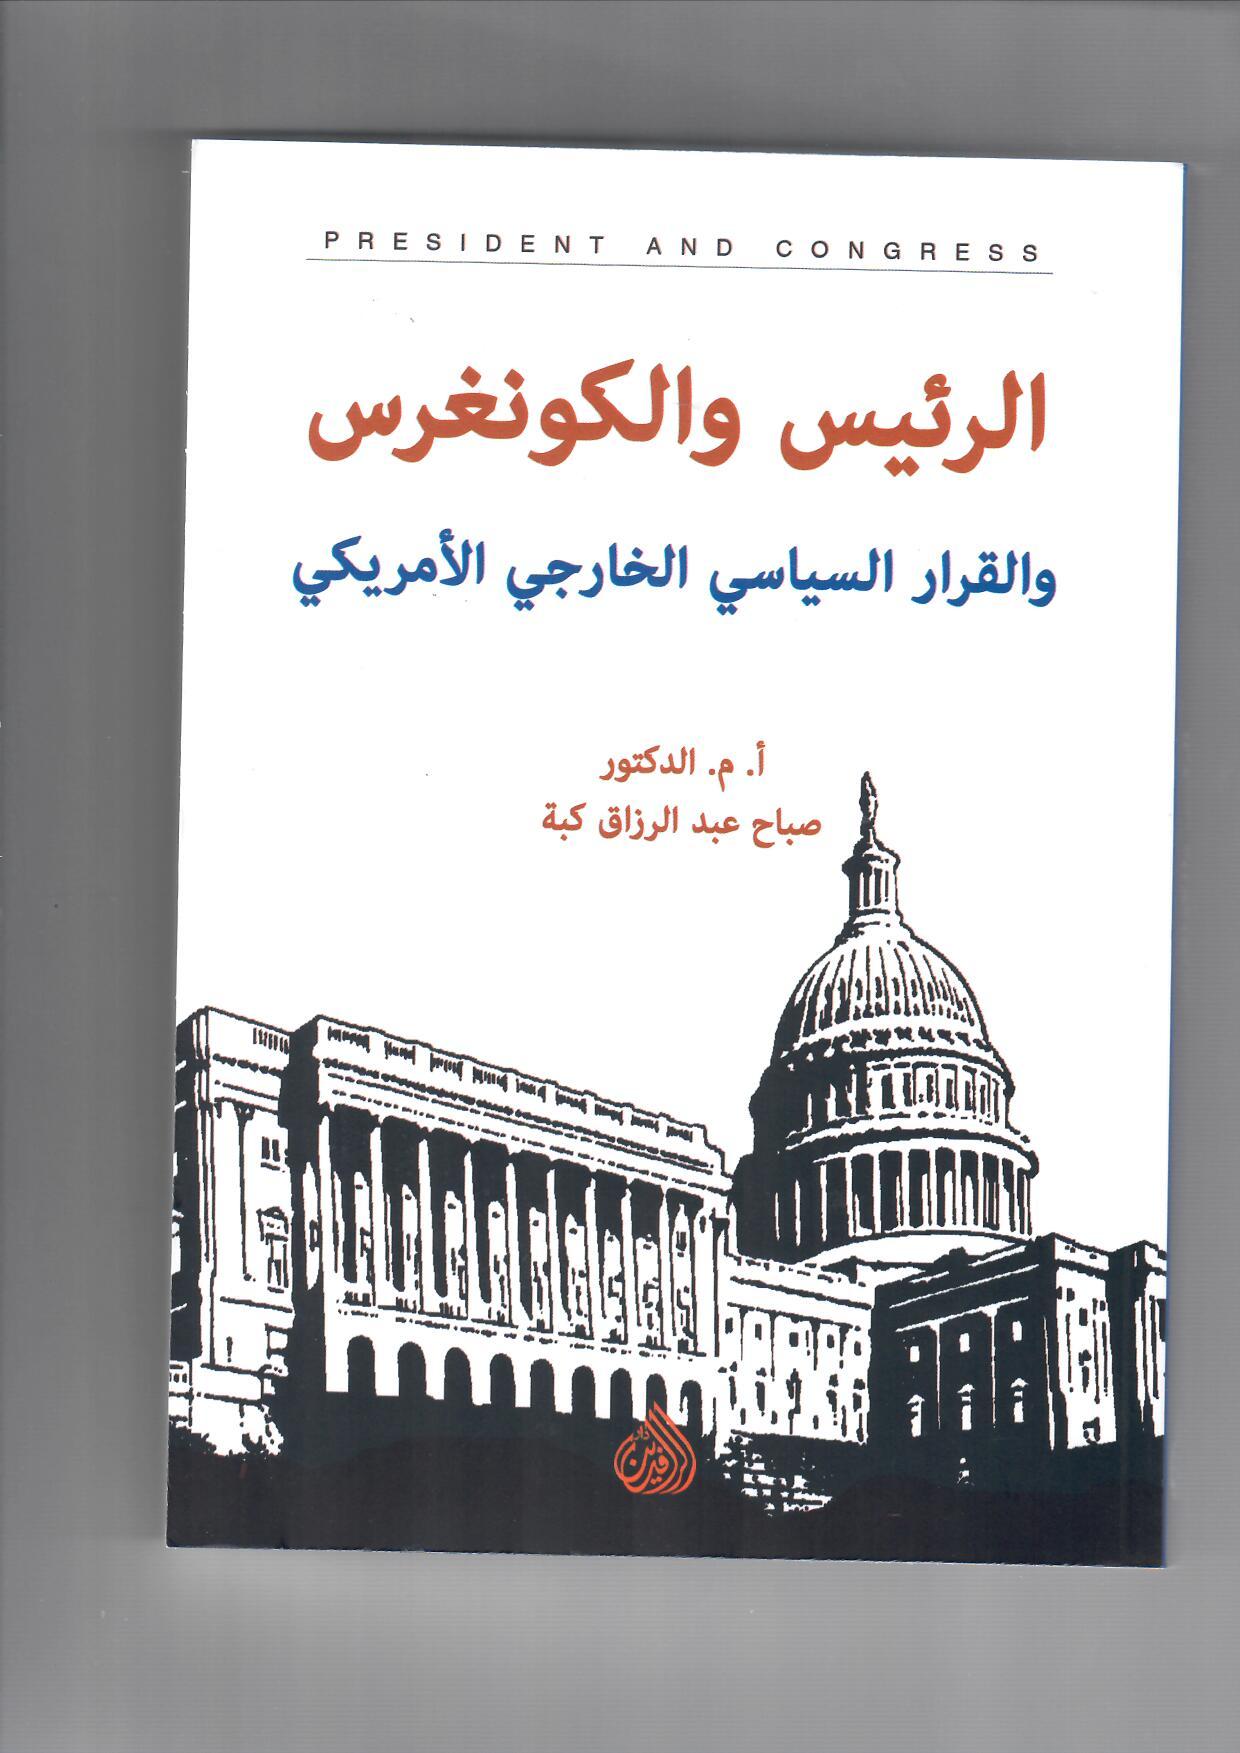 """صدور كتاب """"الرئيس والكونغرس"""" للباحث صباح عبد الرزاق كبة"""